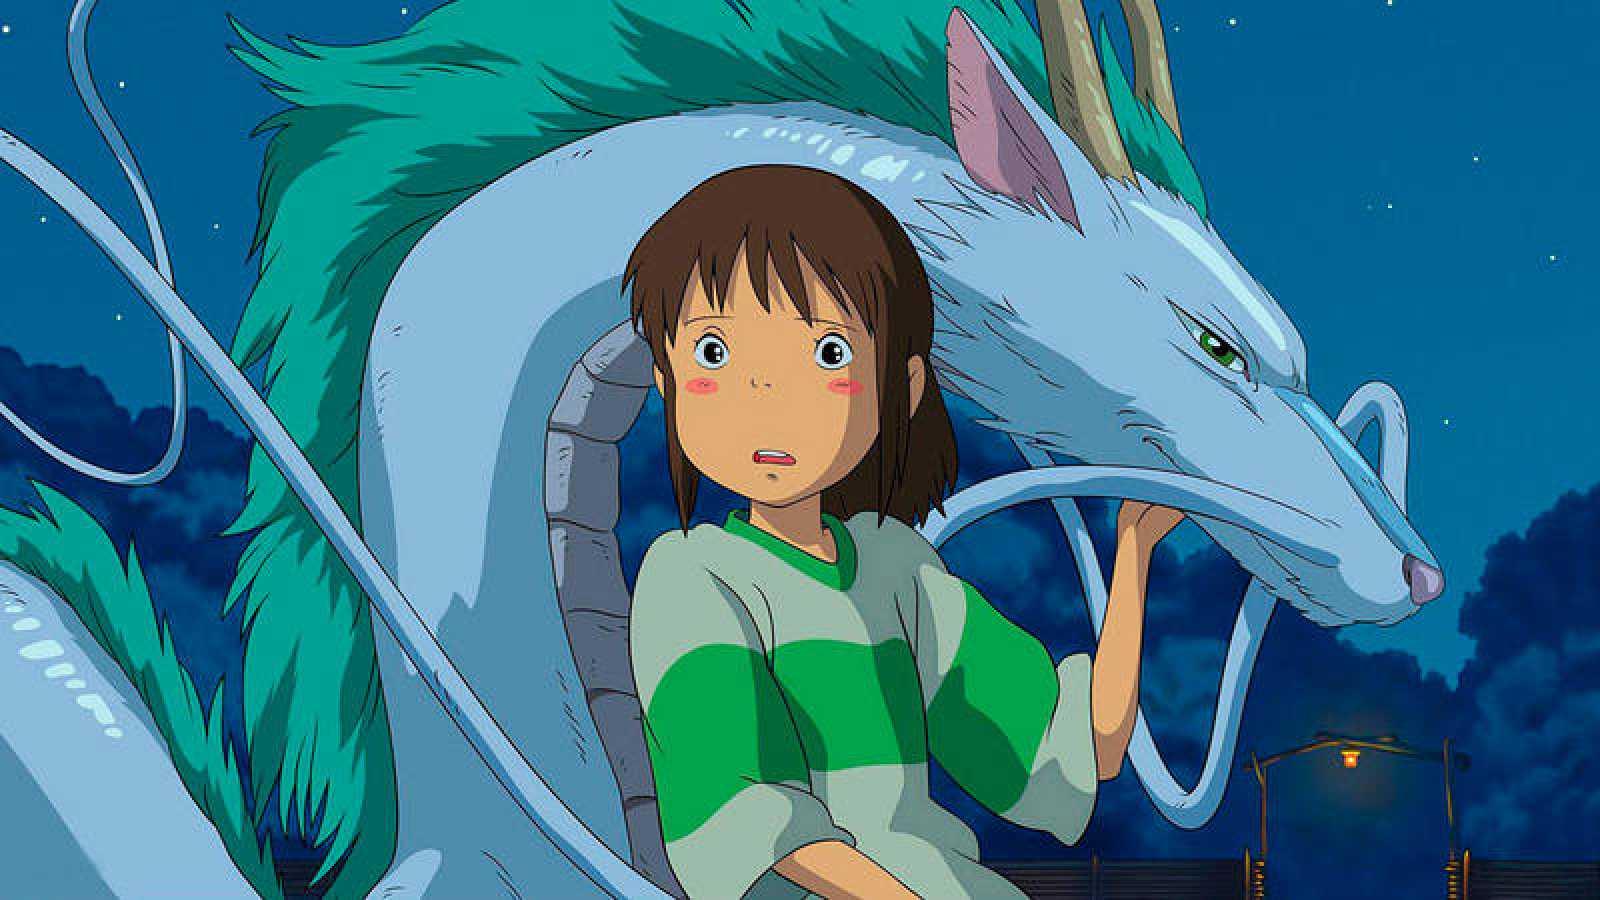 El Viaje de Chihiro', mucho más que una película - RTVE.es